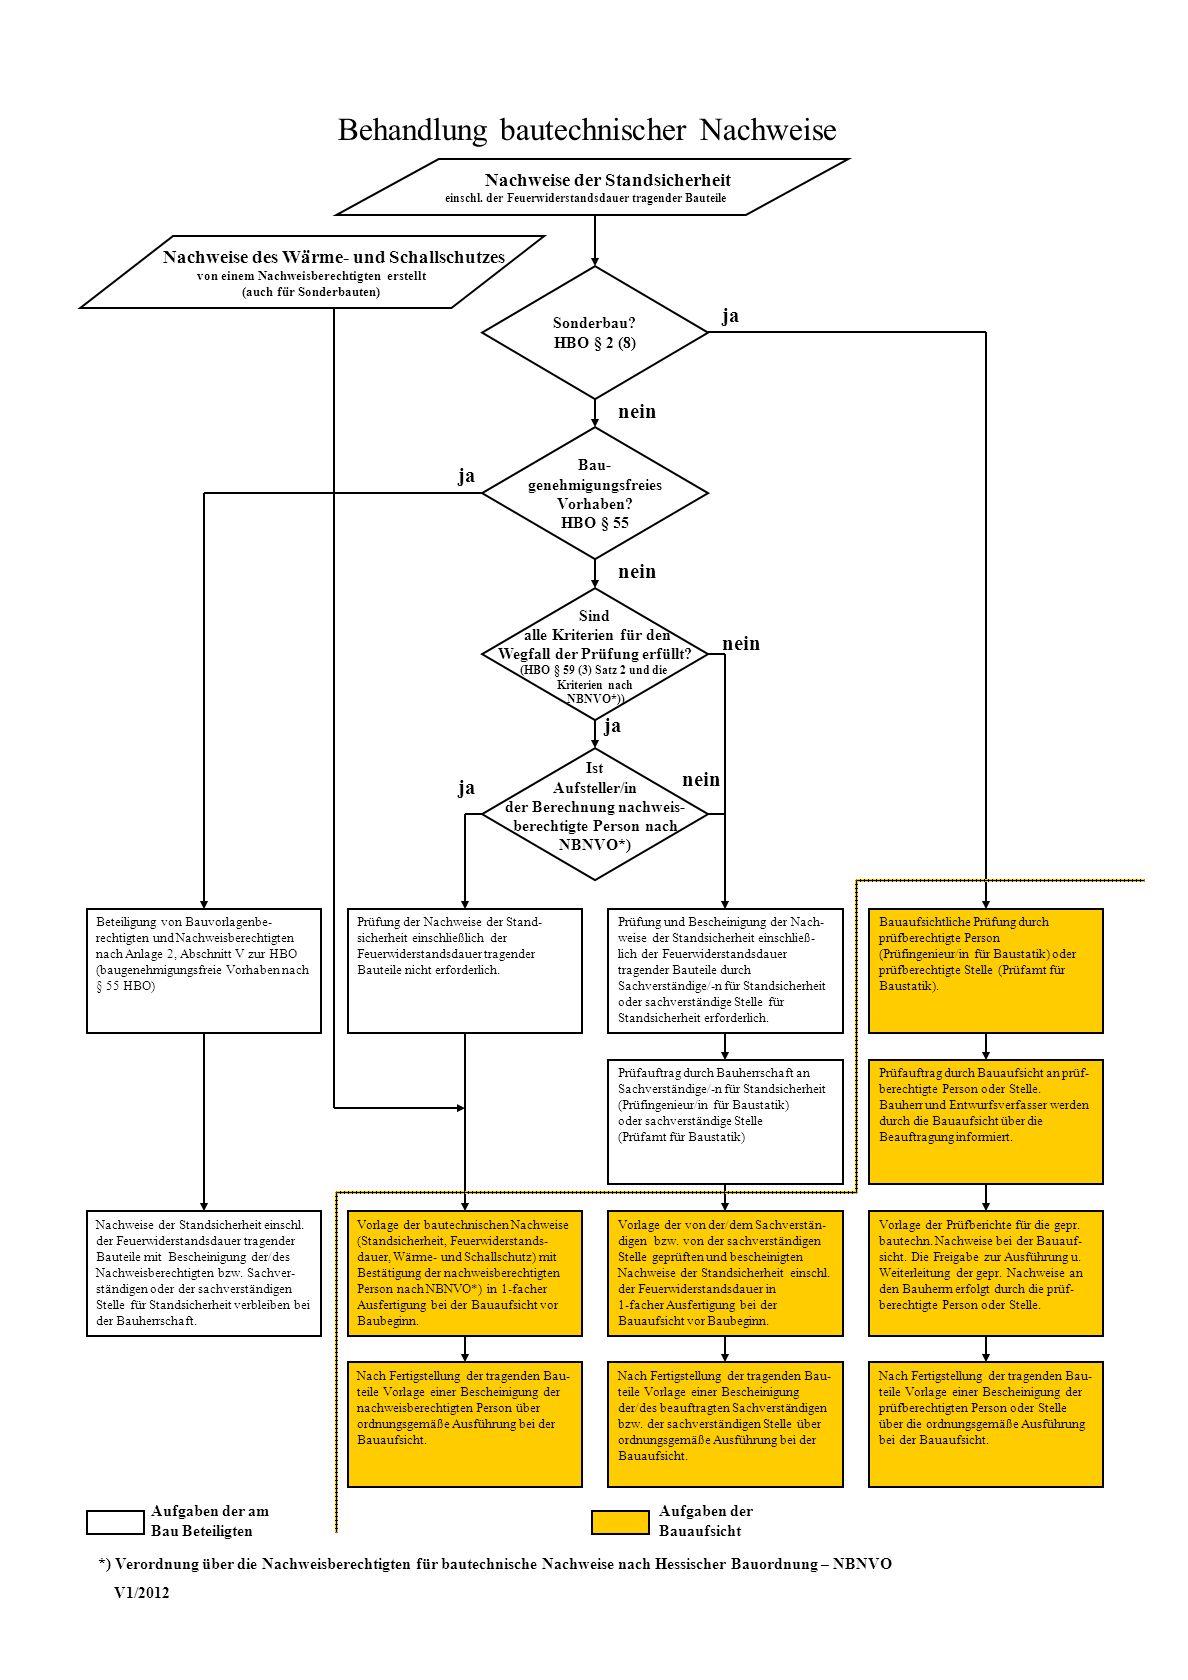 Sonderbau? HBO § 2 (8) Bau- genehmigungsfreies Vorhaben? HBO § 55 Sind alle Kriterien für den Wegfall der Prüfung erfüllt? (HBO § 59 (3) Satz 2 und di